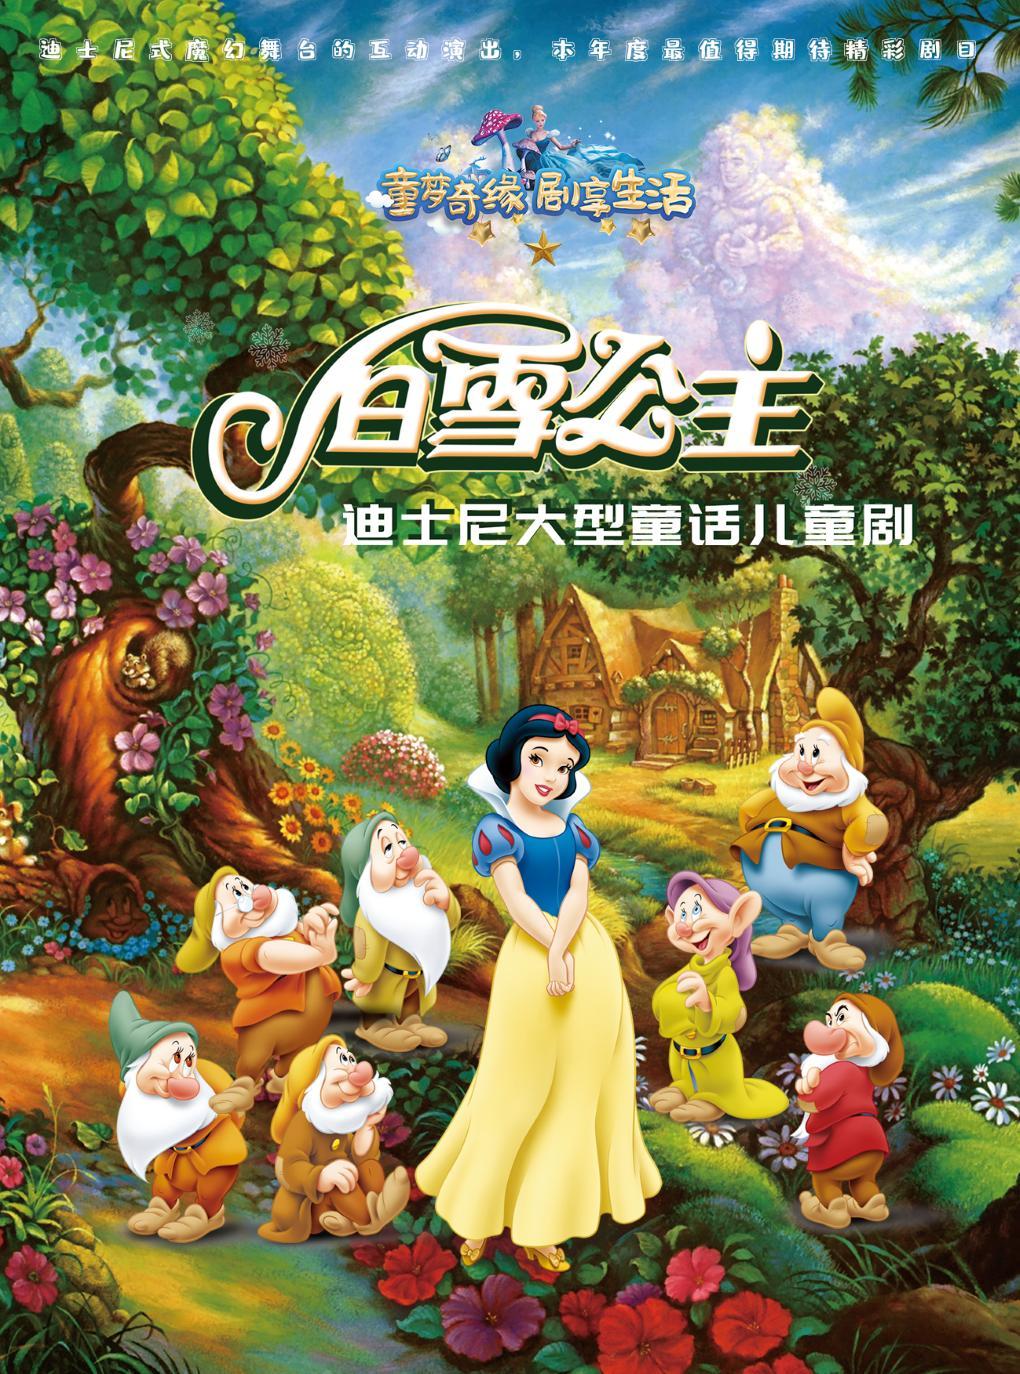 大型迪士尼童话儿童剧《白雪公主》